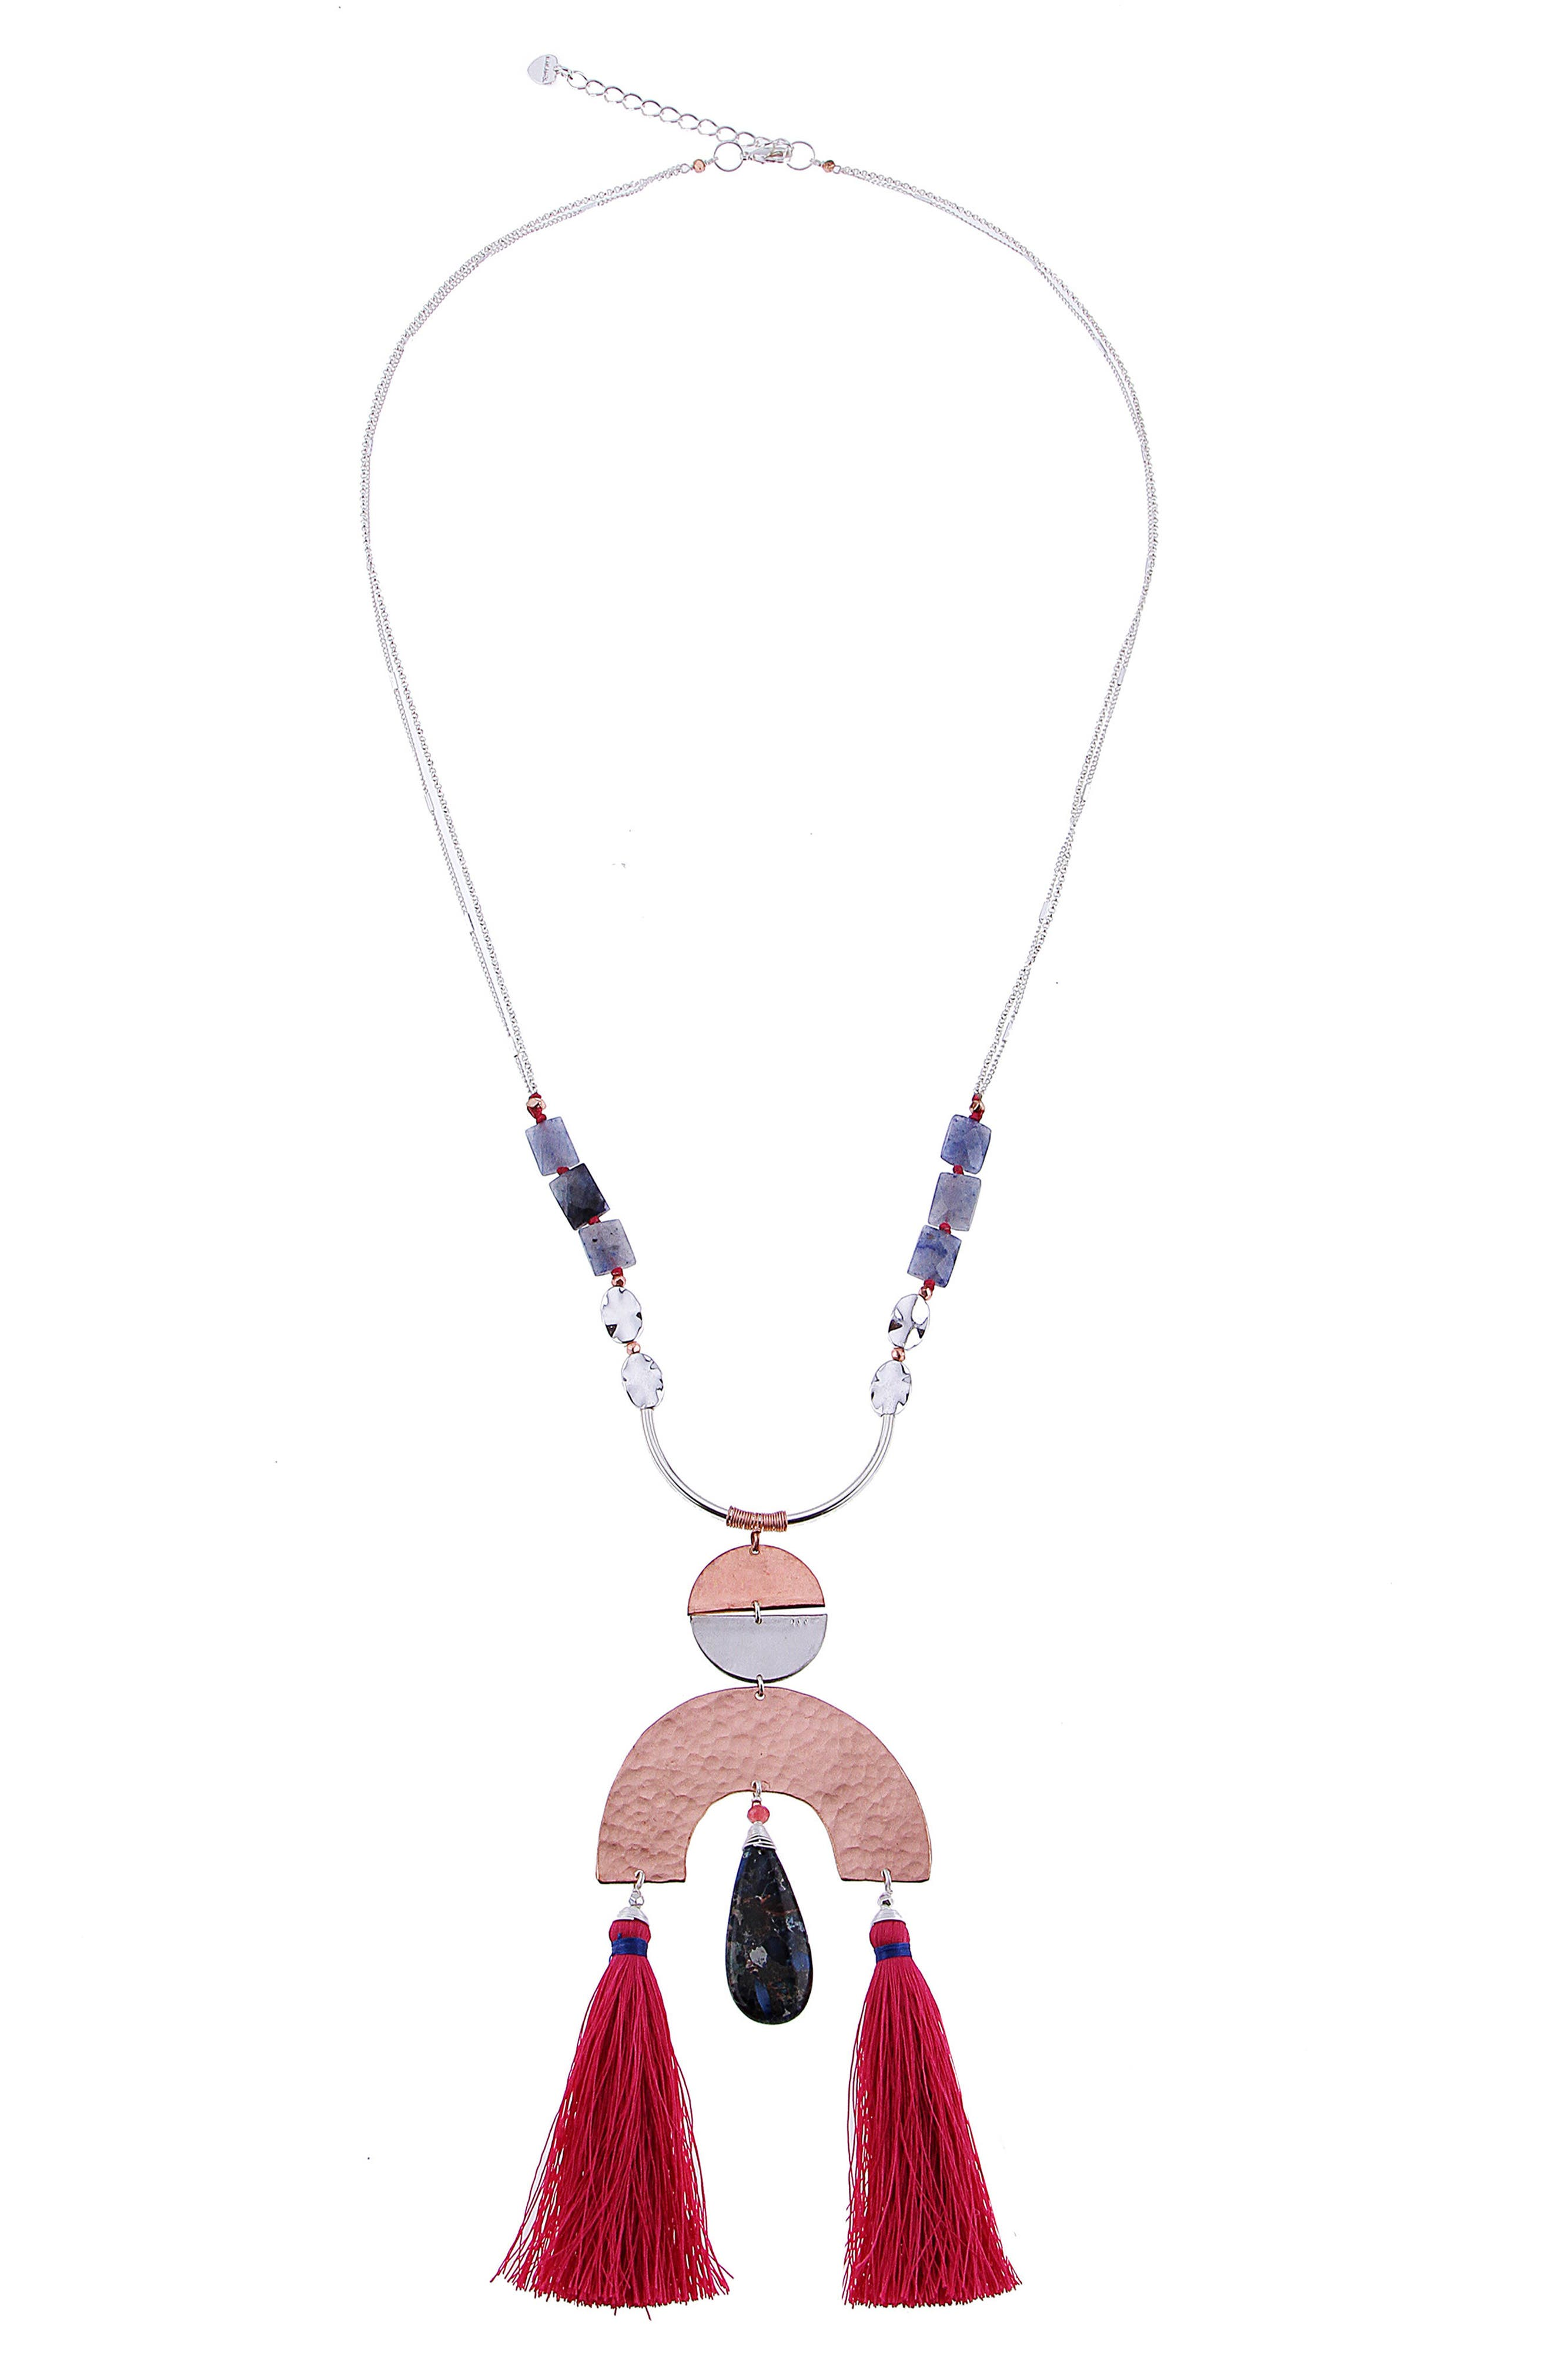 Double Tassel Agate Pendant Necklace,                             Main thumbnail 1, color,                             400